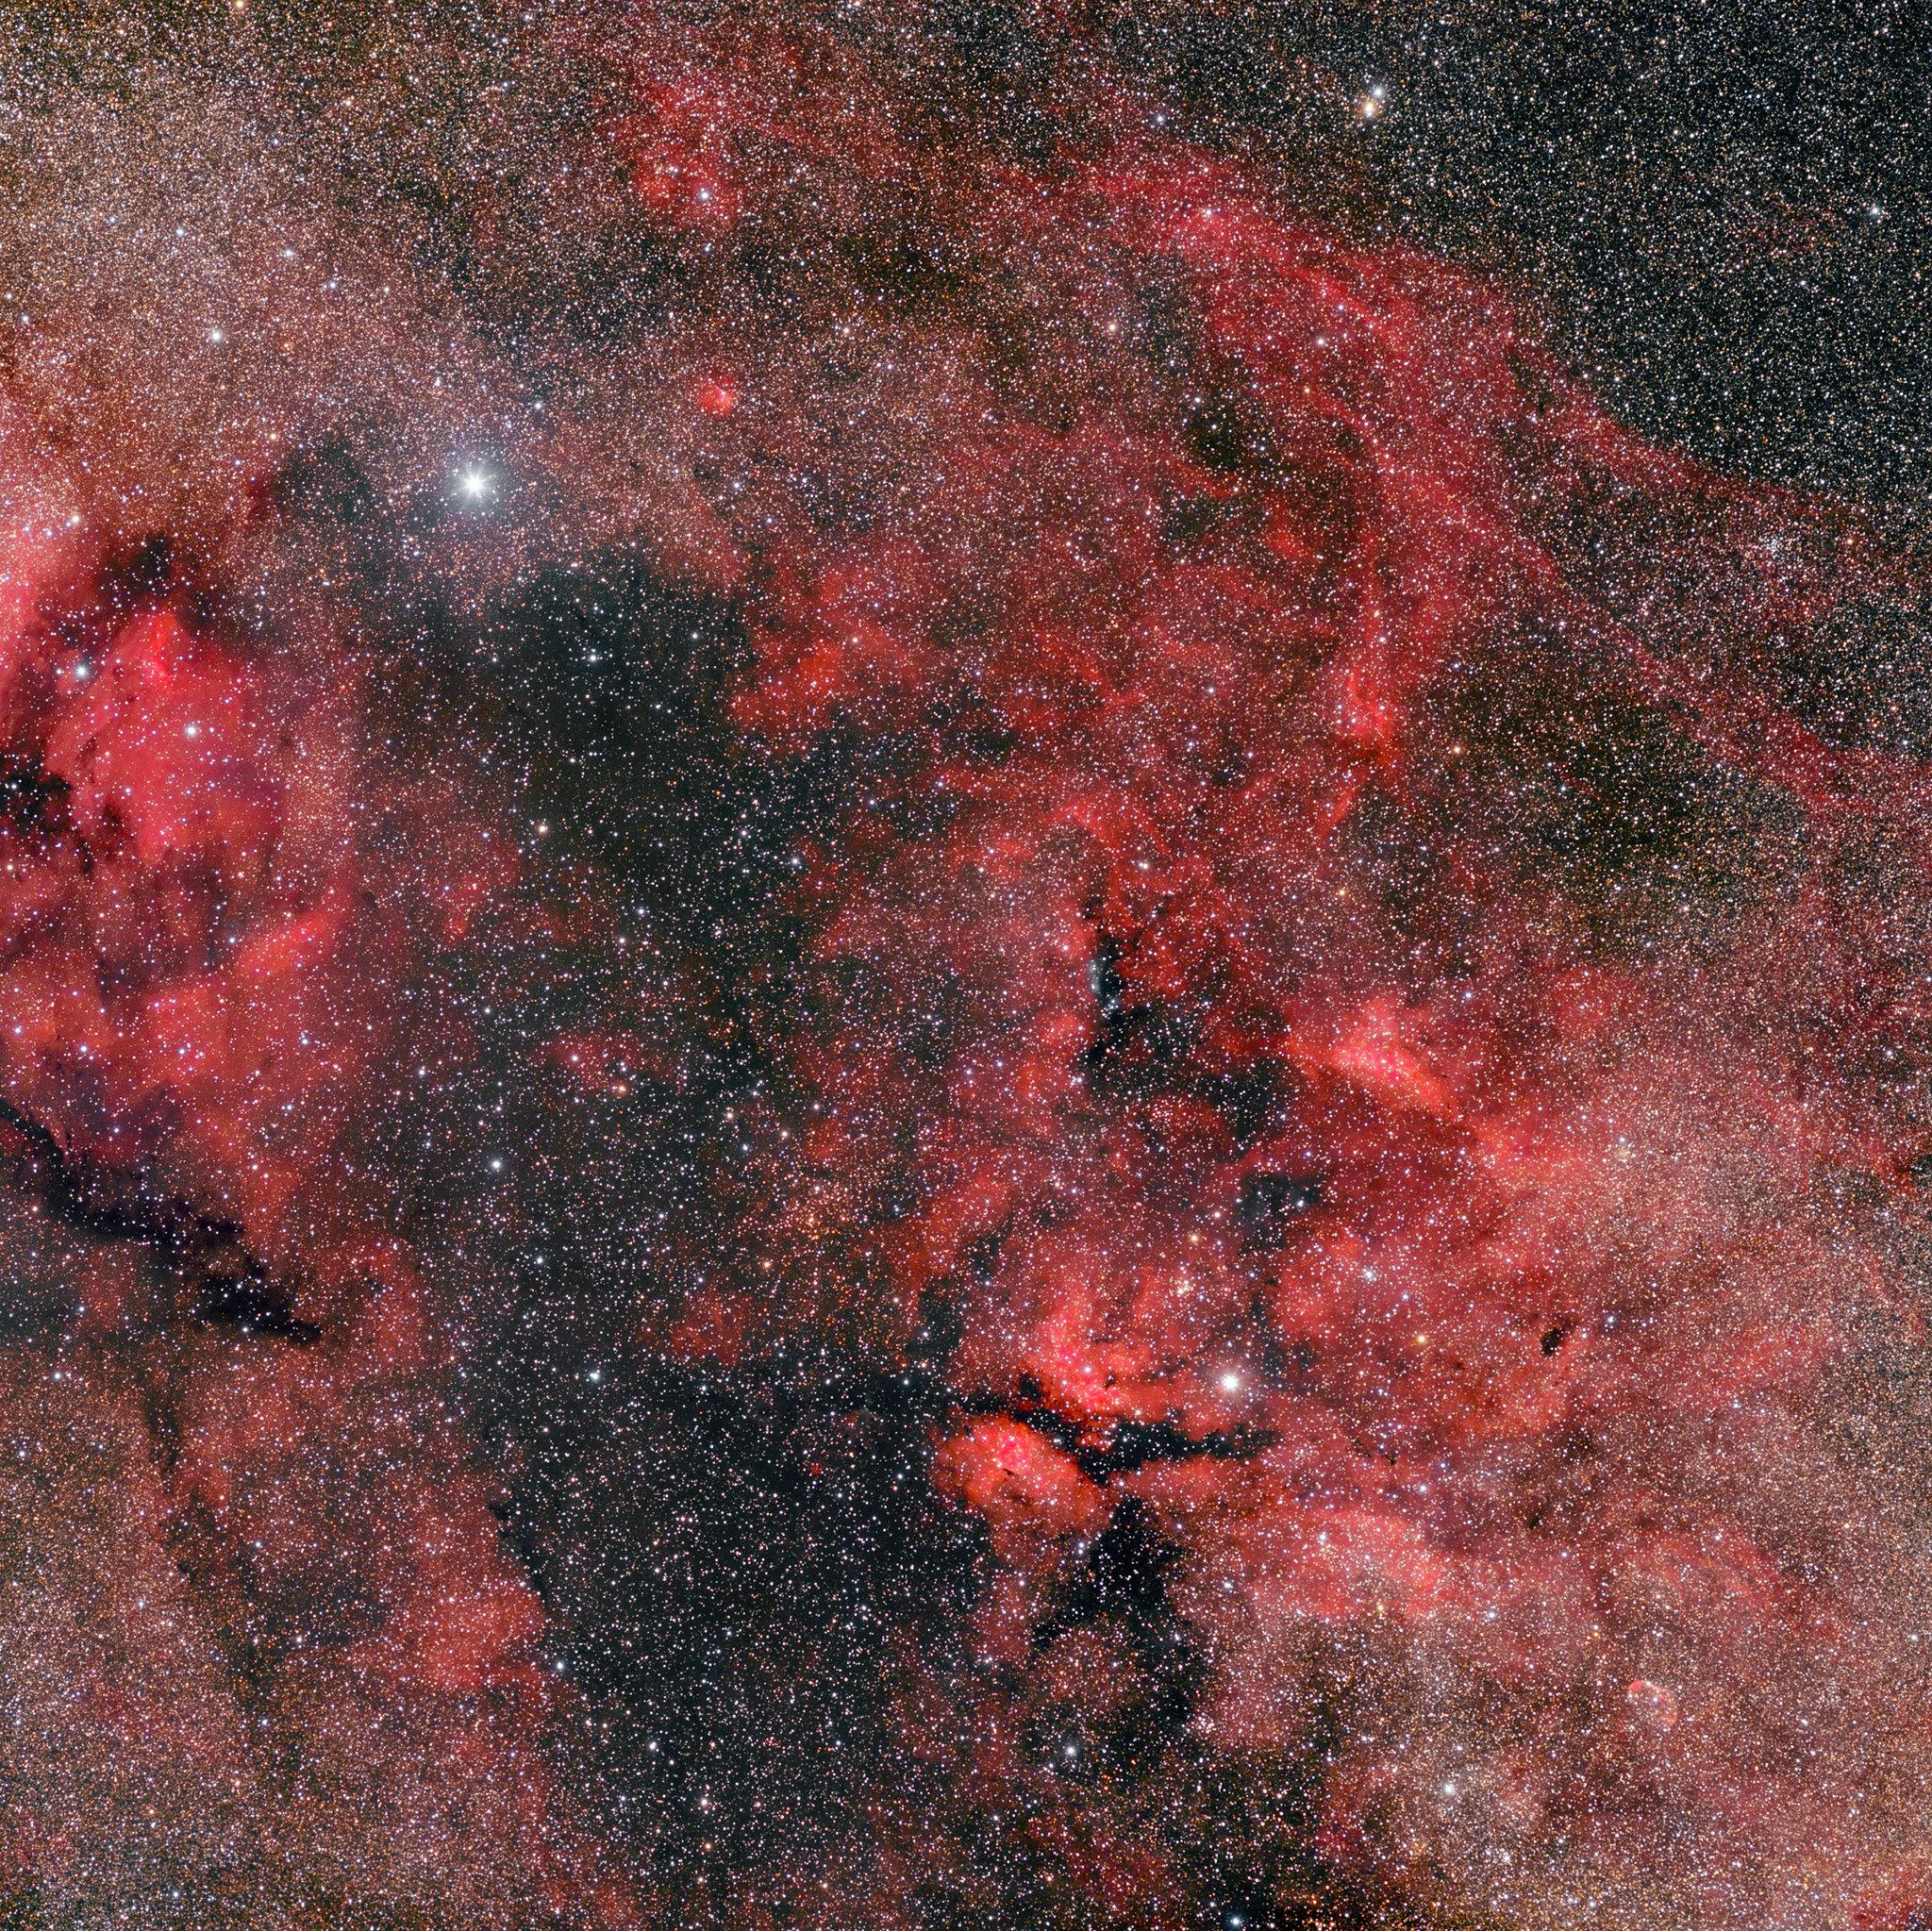 134326 скачать обои Космос, Звезды, Туманность, Галактика - заставки и картинки бесплатно